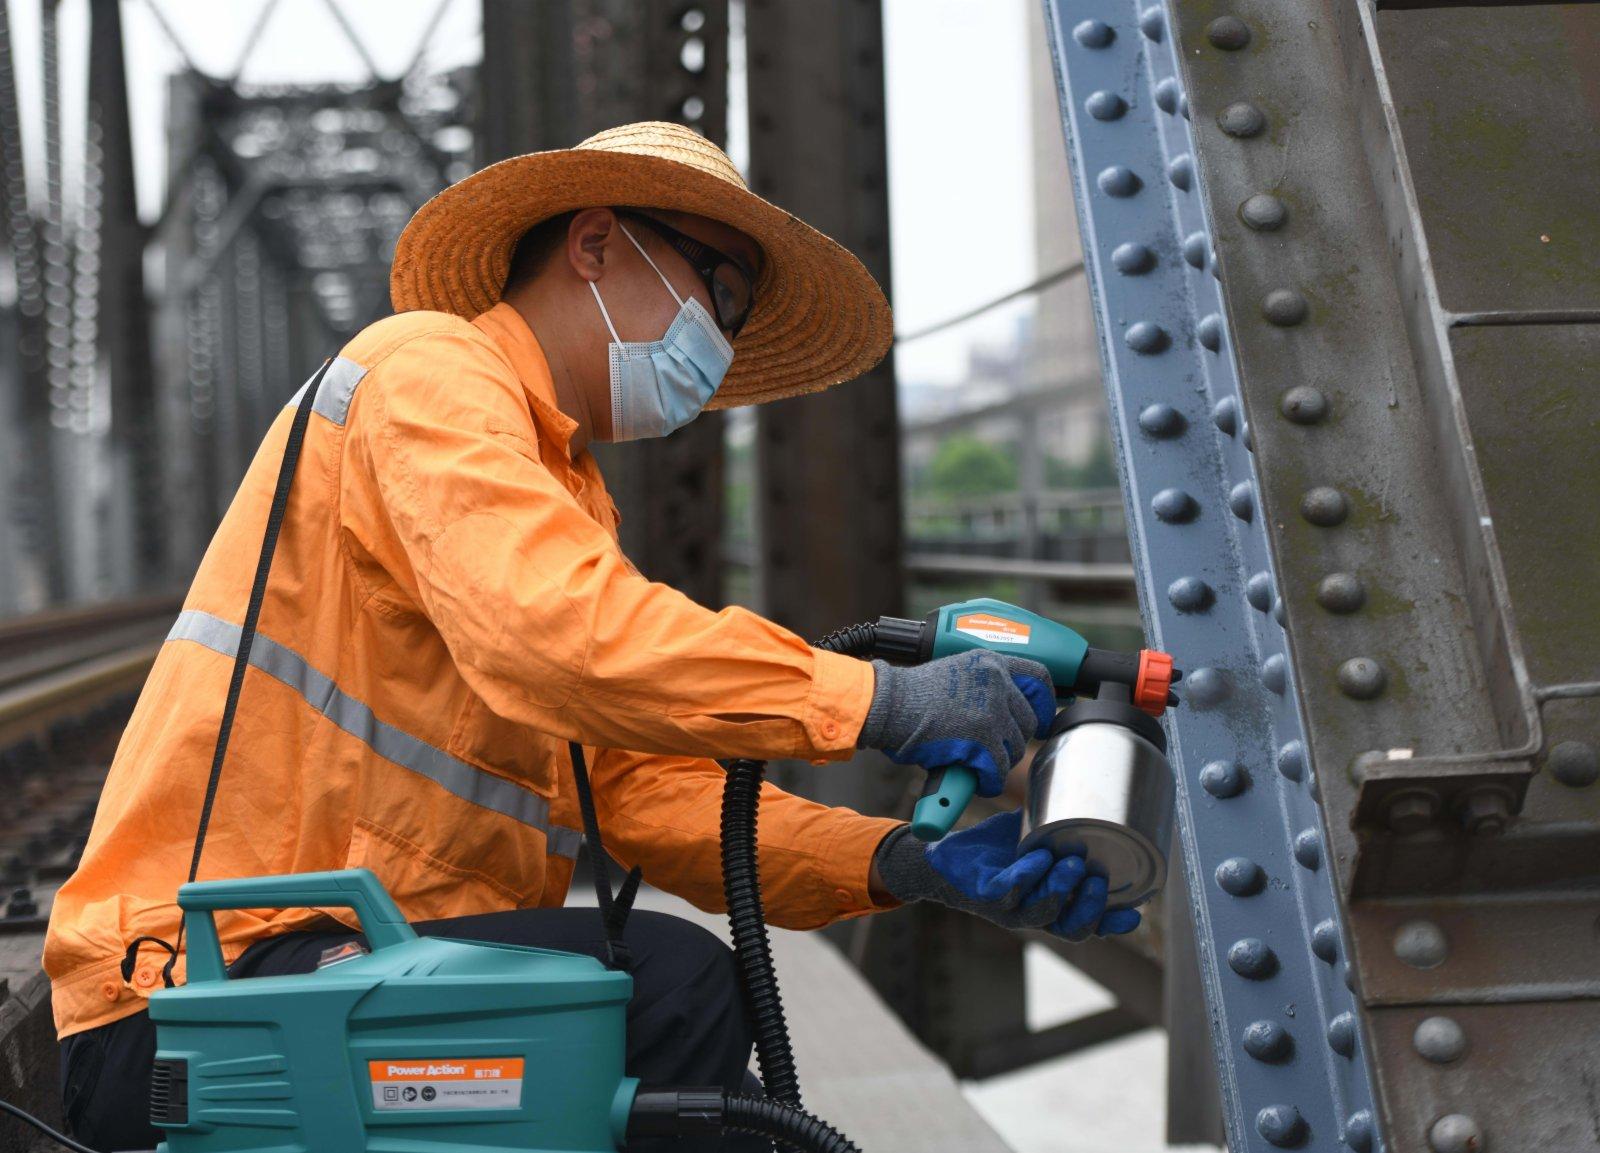 7月21日,橋隧工倪國龍在蚌埠淮河鐵路大橋上進行噴漆作業。(新華社)